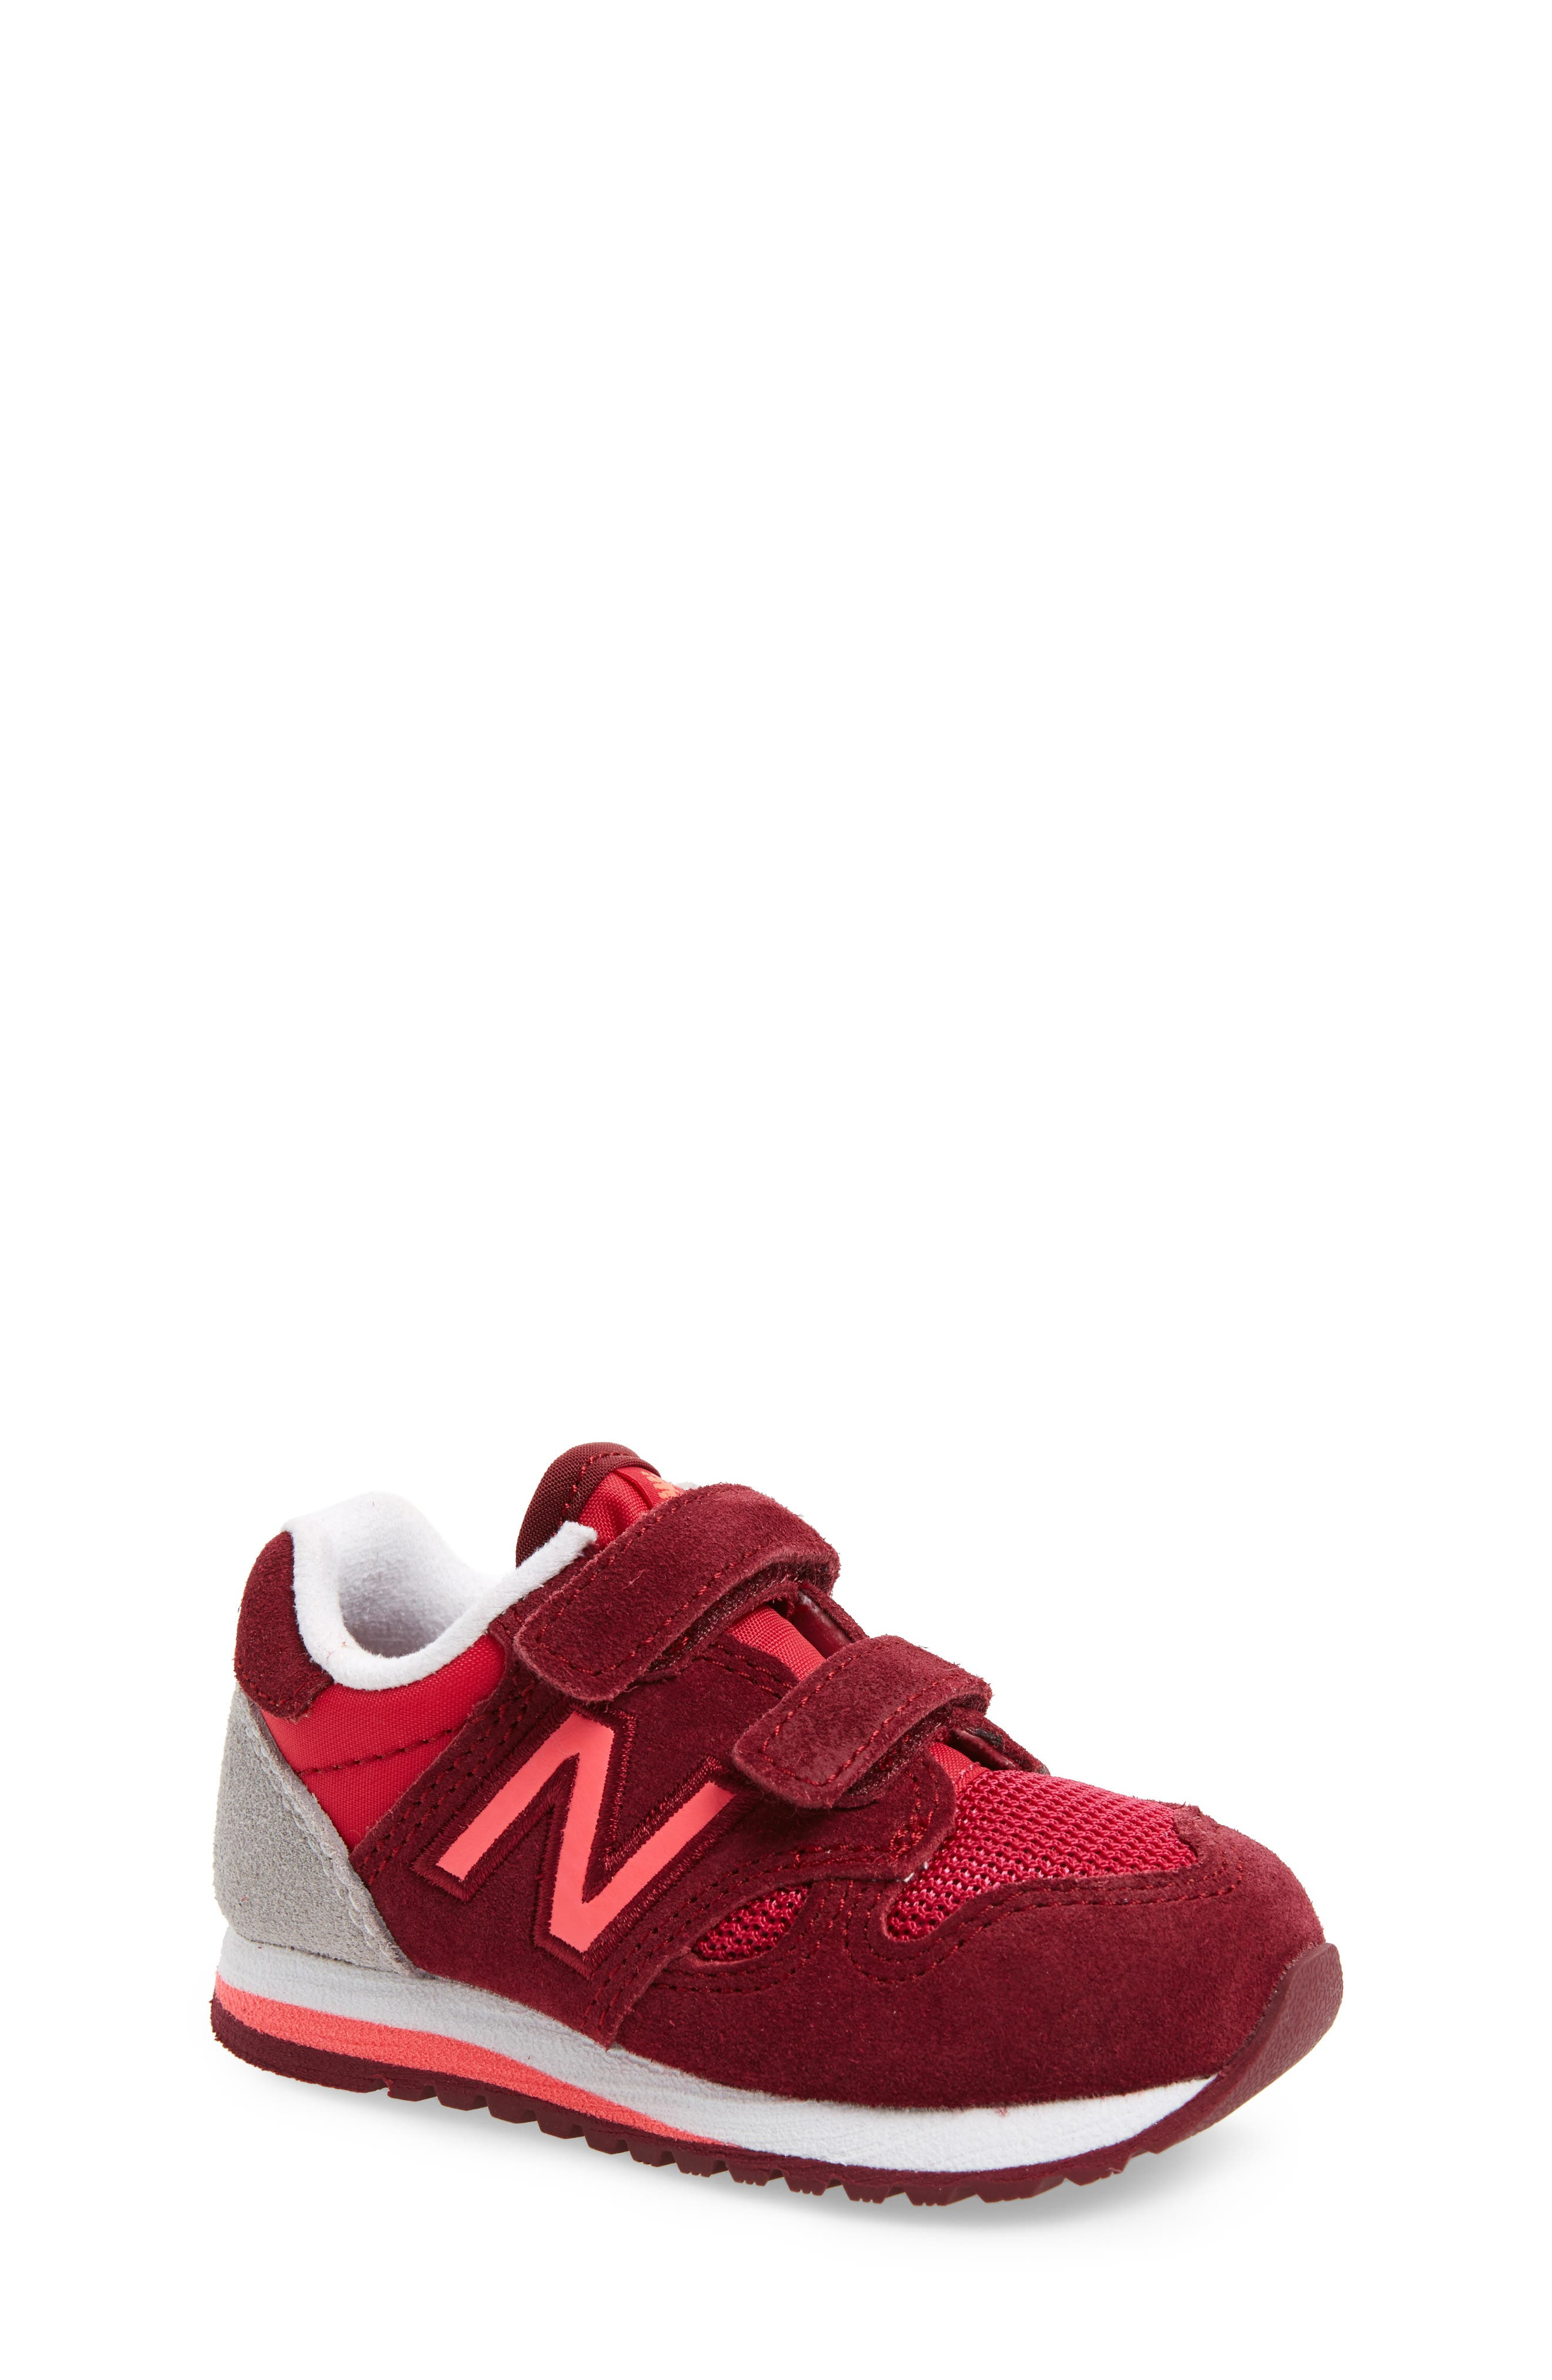 520 Sneaker,                         Main,                         color,